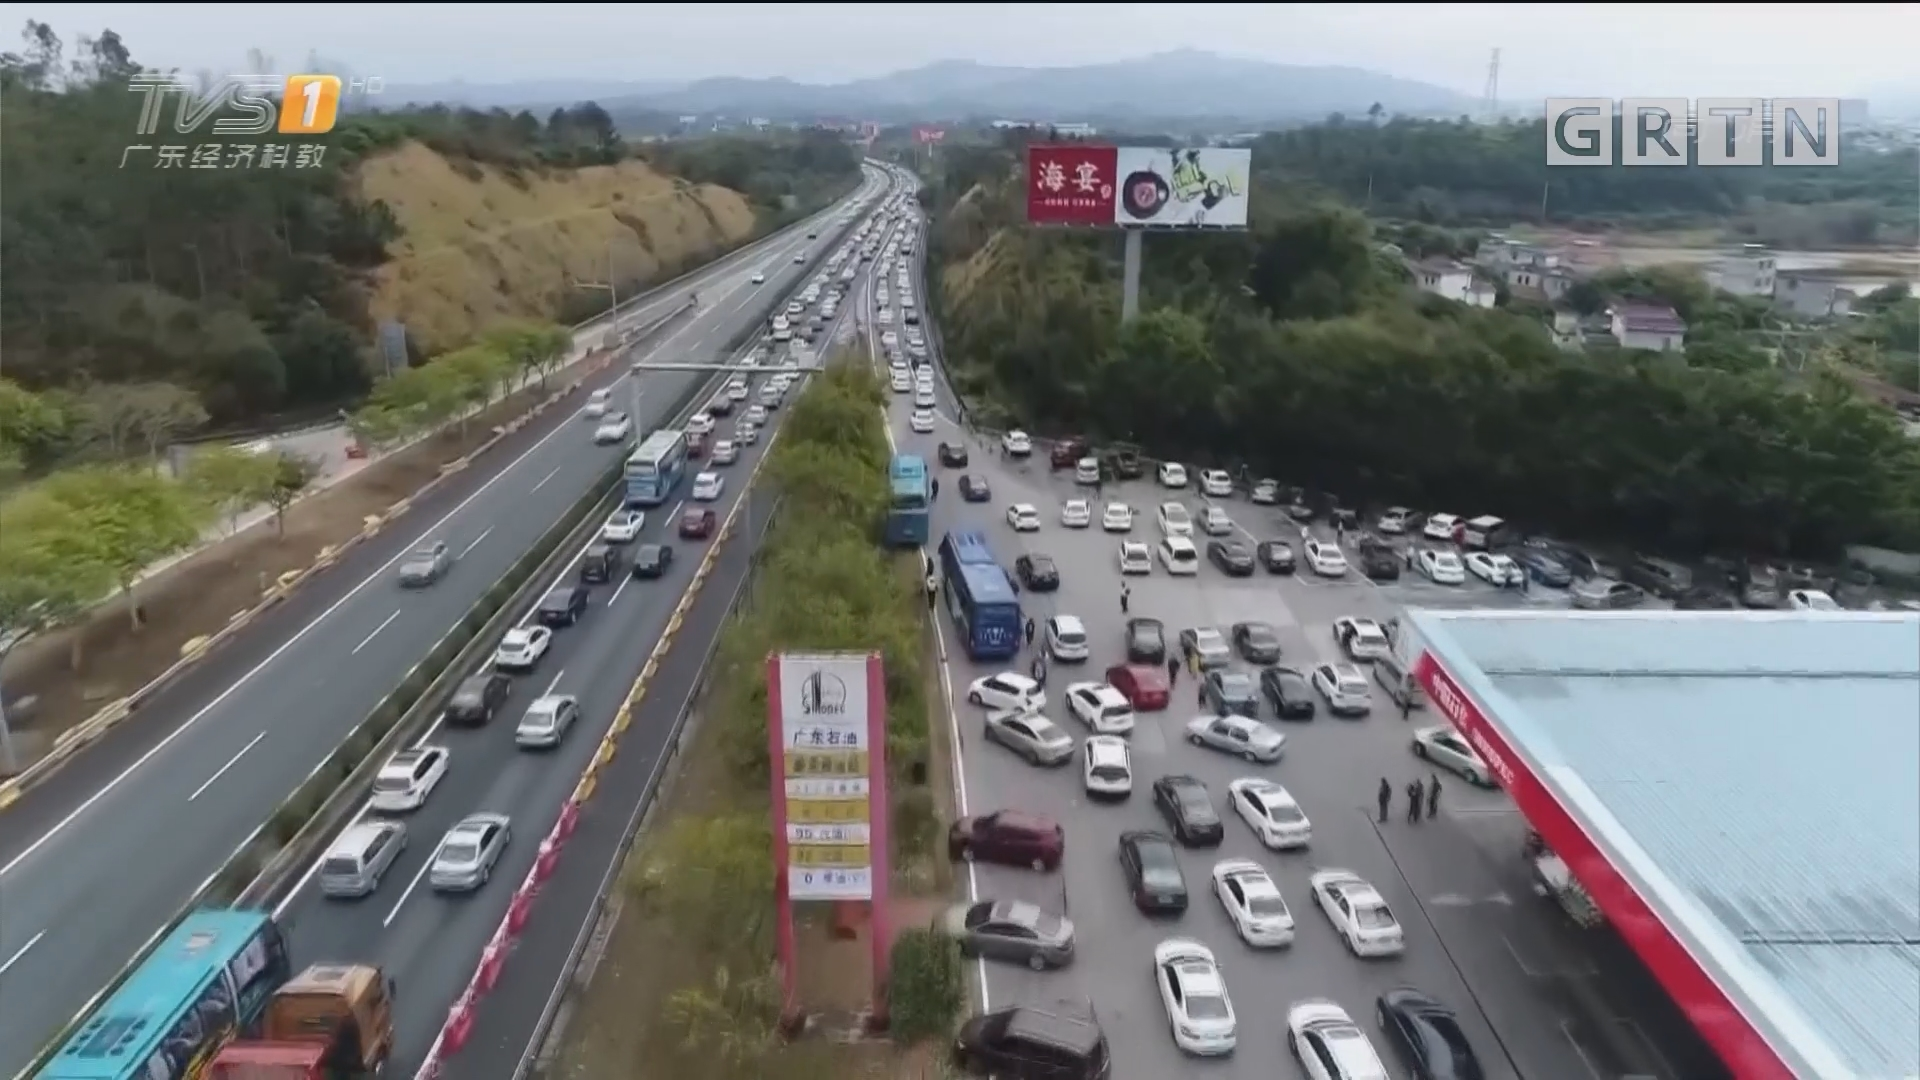 直击回程高峰:粤赣高速惠河段 车主提早出门避堵 没想到照塞不误